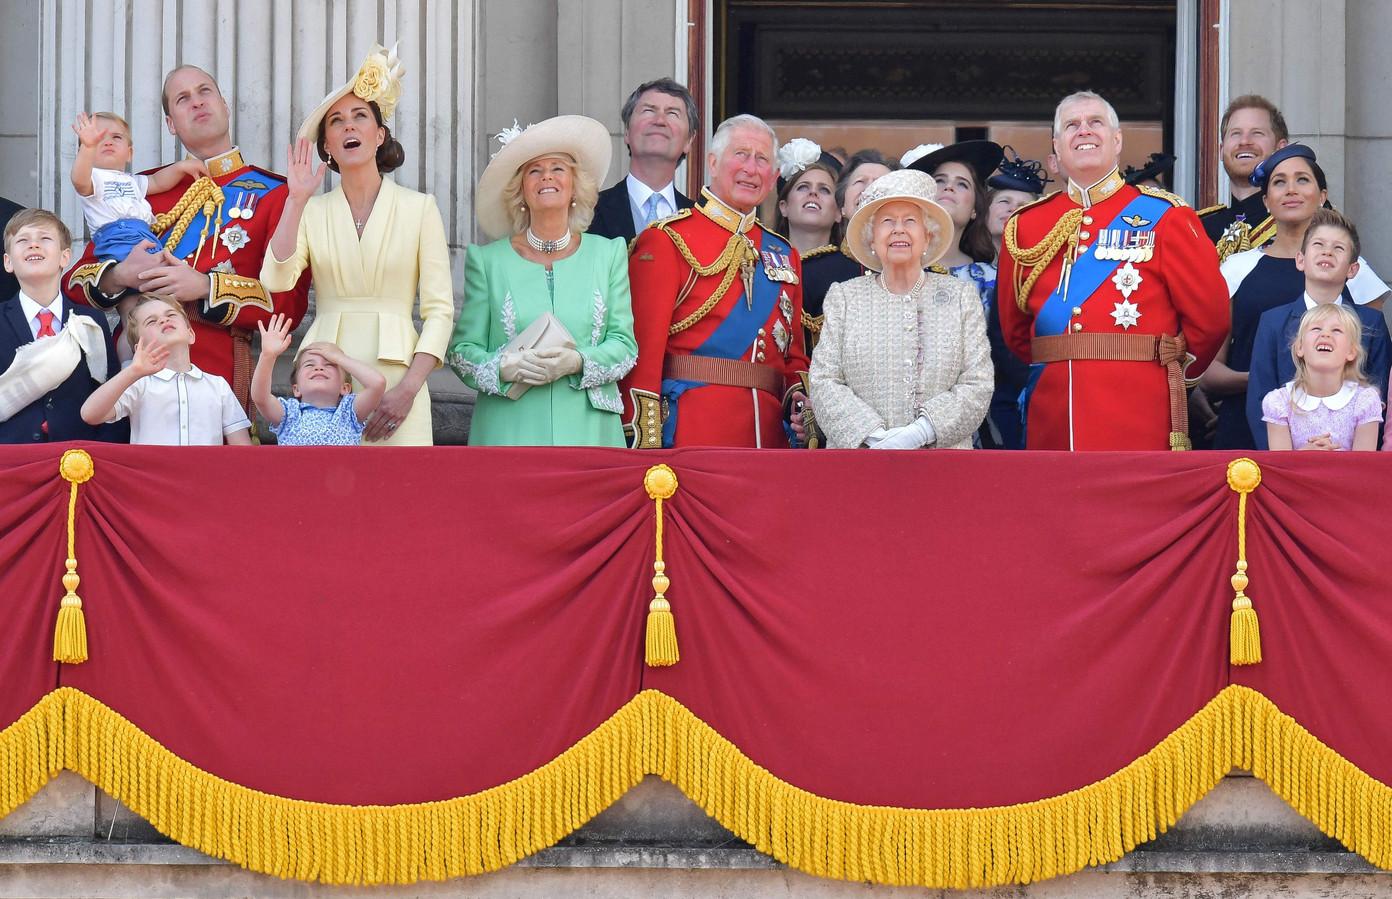 De royal family